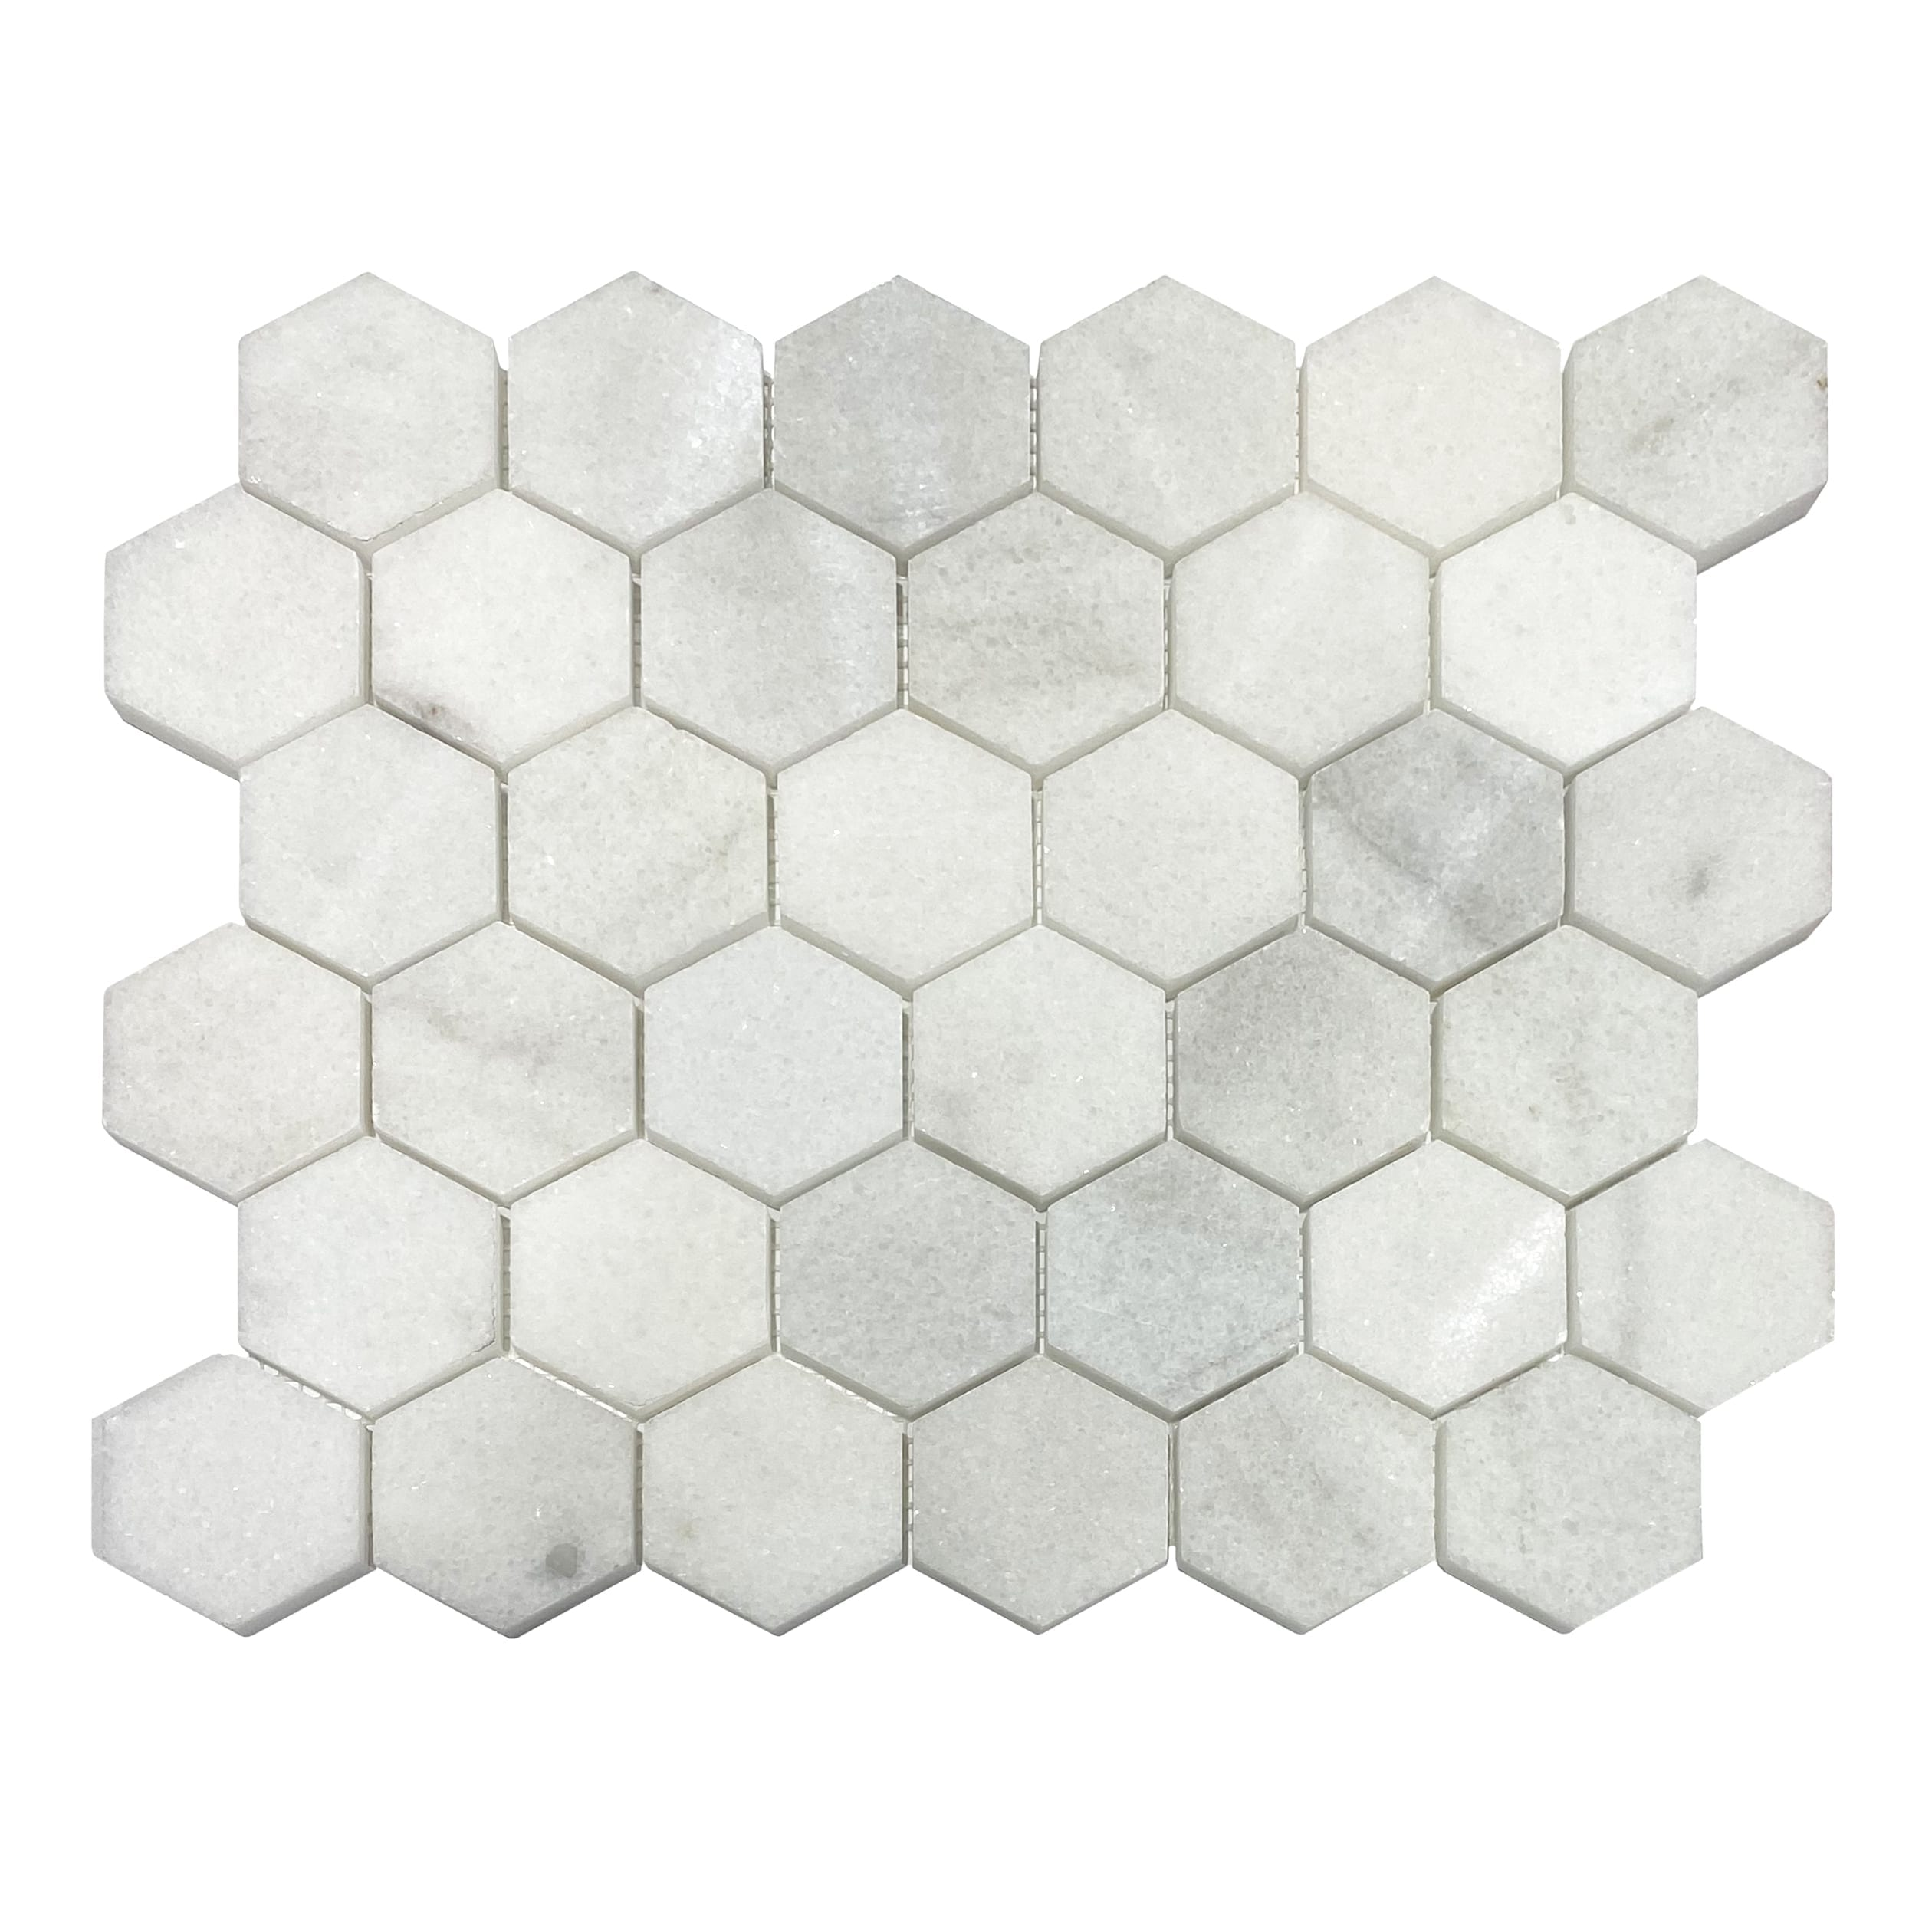 2×2 Hexagon Mosaic Tile_Bianco Marble_8.99ea